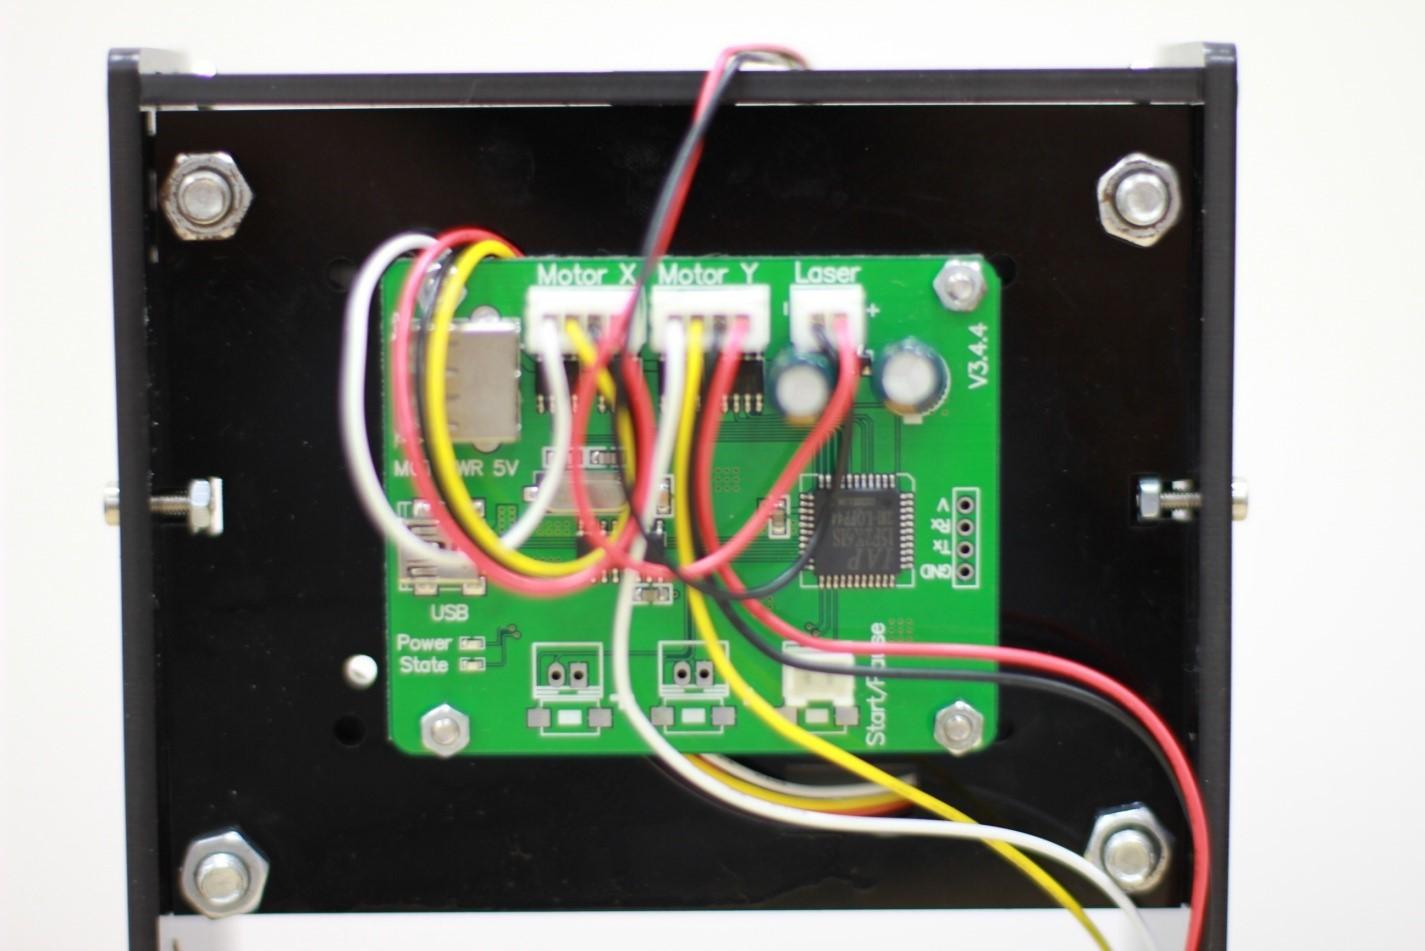 Как подключить полупроводниковый лазер мощностью более 1 Вт (1000 мВт) к 3D-принтеру, ЧПУ станку, координатному столу - 2